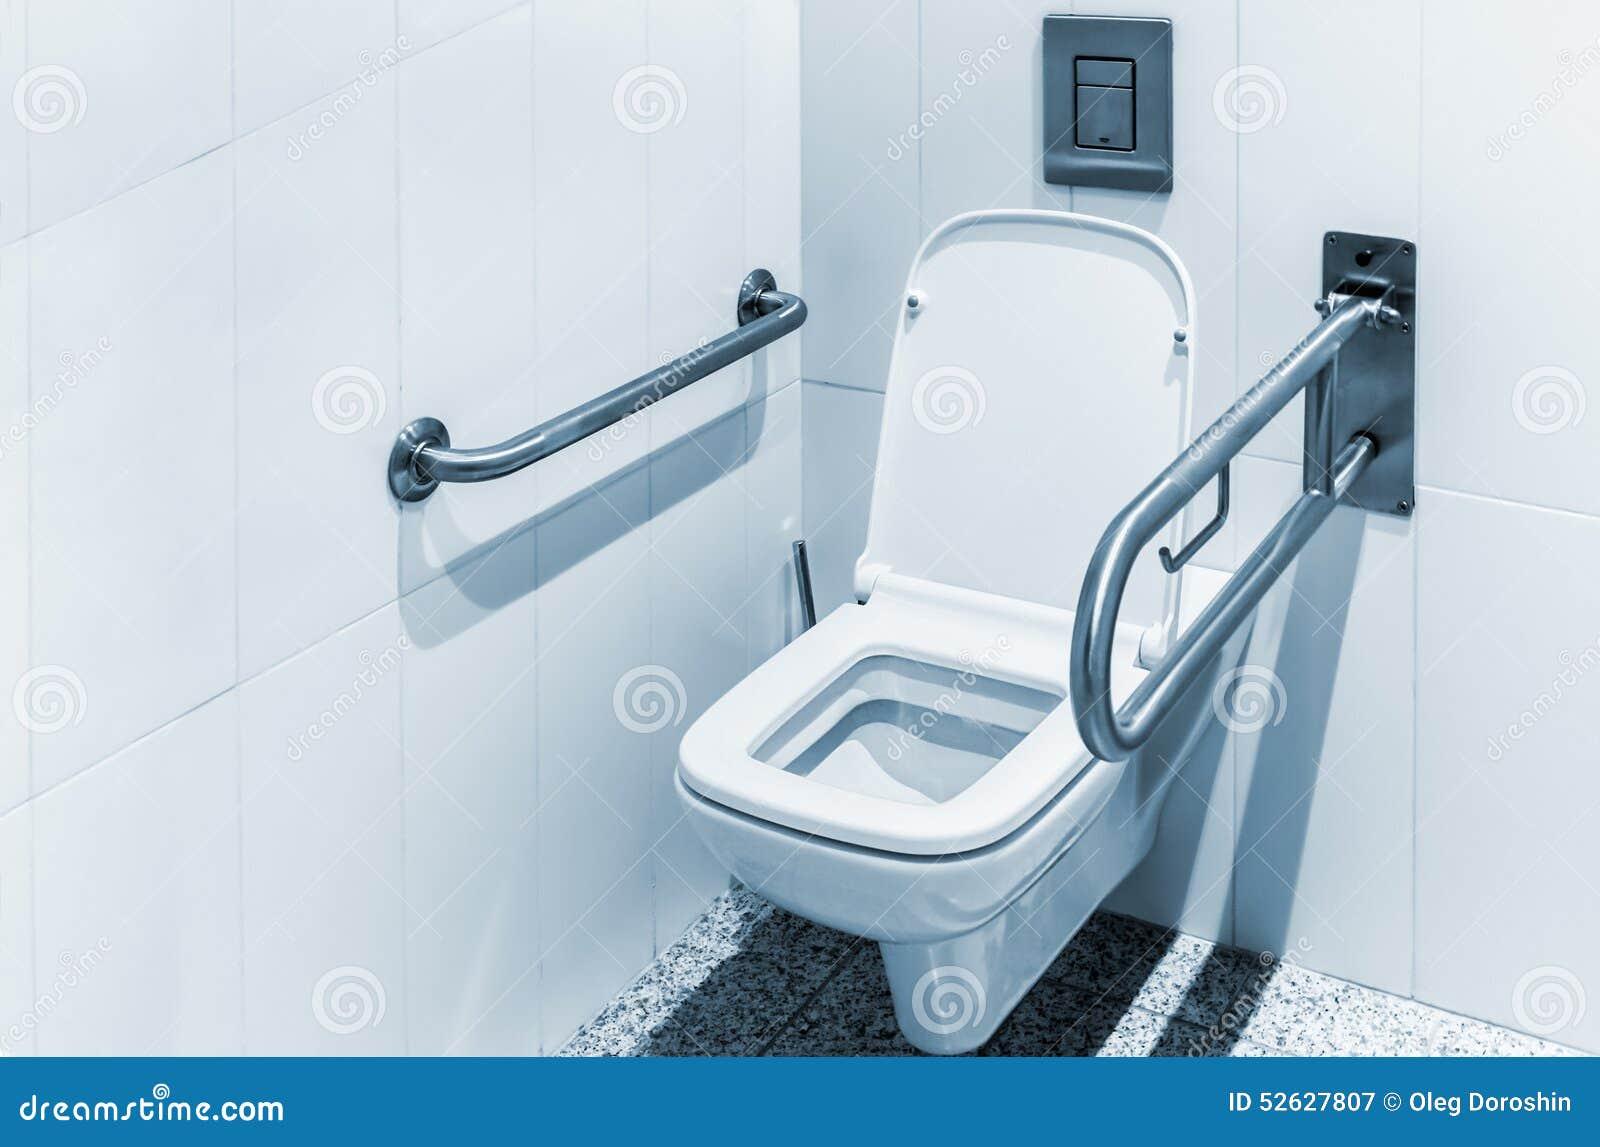 toilette avec des balustrades pour l 39 handicap photo stock image 52627807. Black Bedroom Furniture Sets. Home Design Ideas